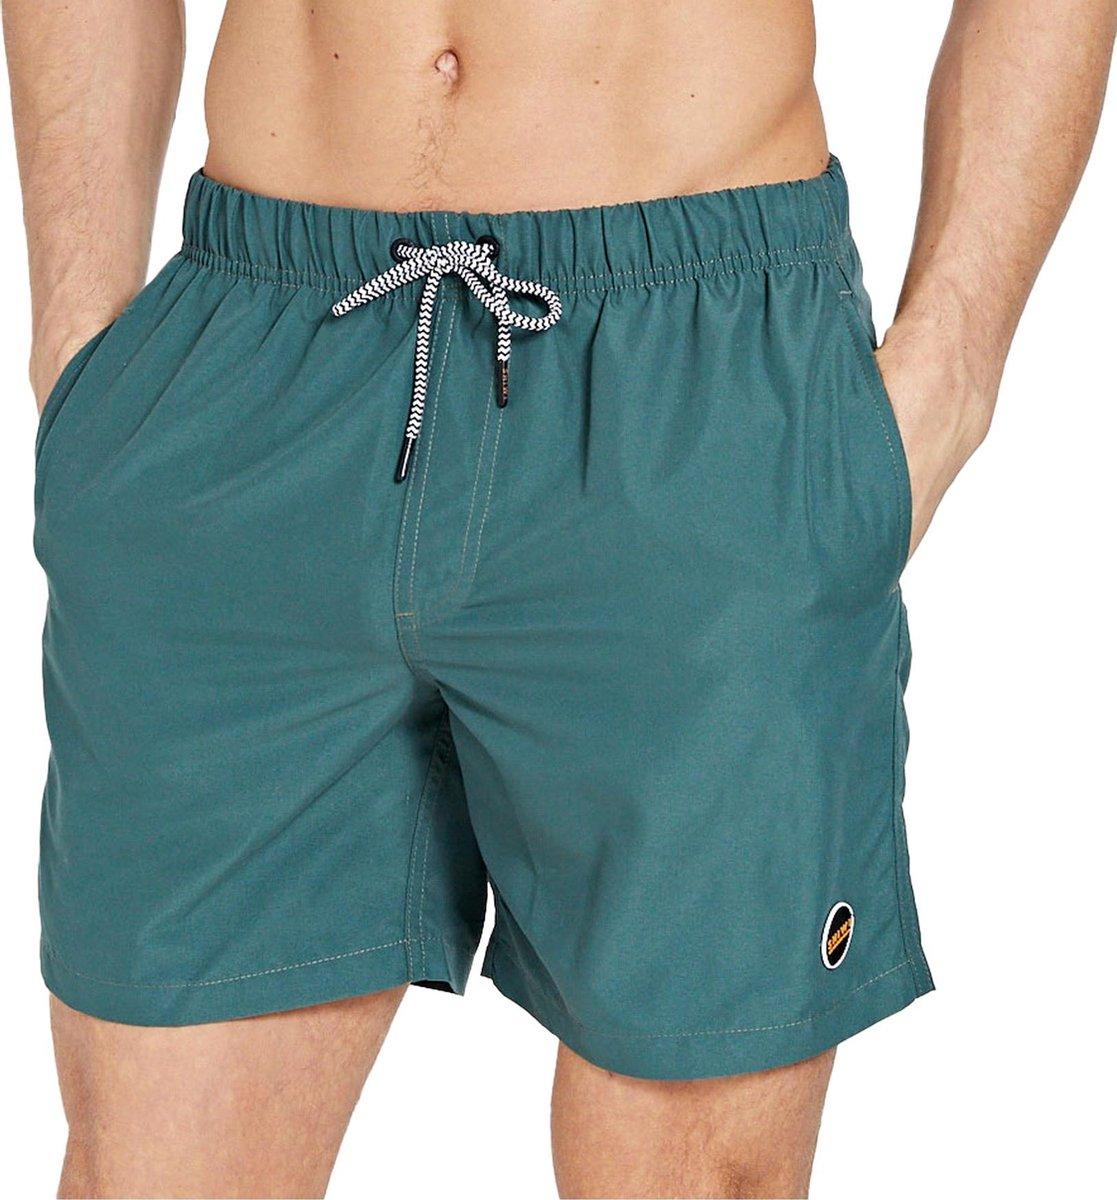 Shiwi Solid Mike Zwemshort  Zwembroek - Mannen - donker groen